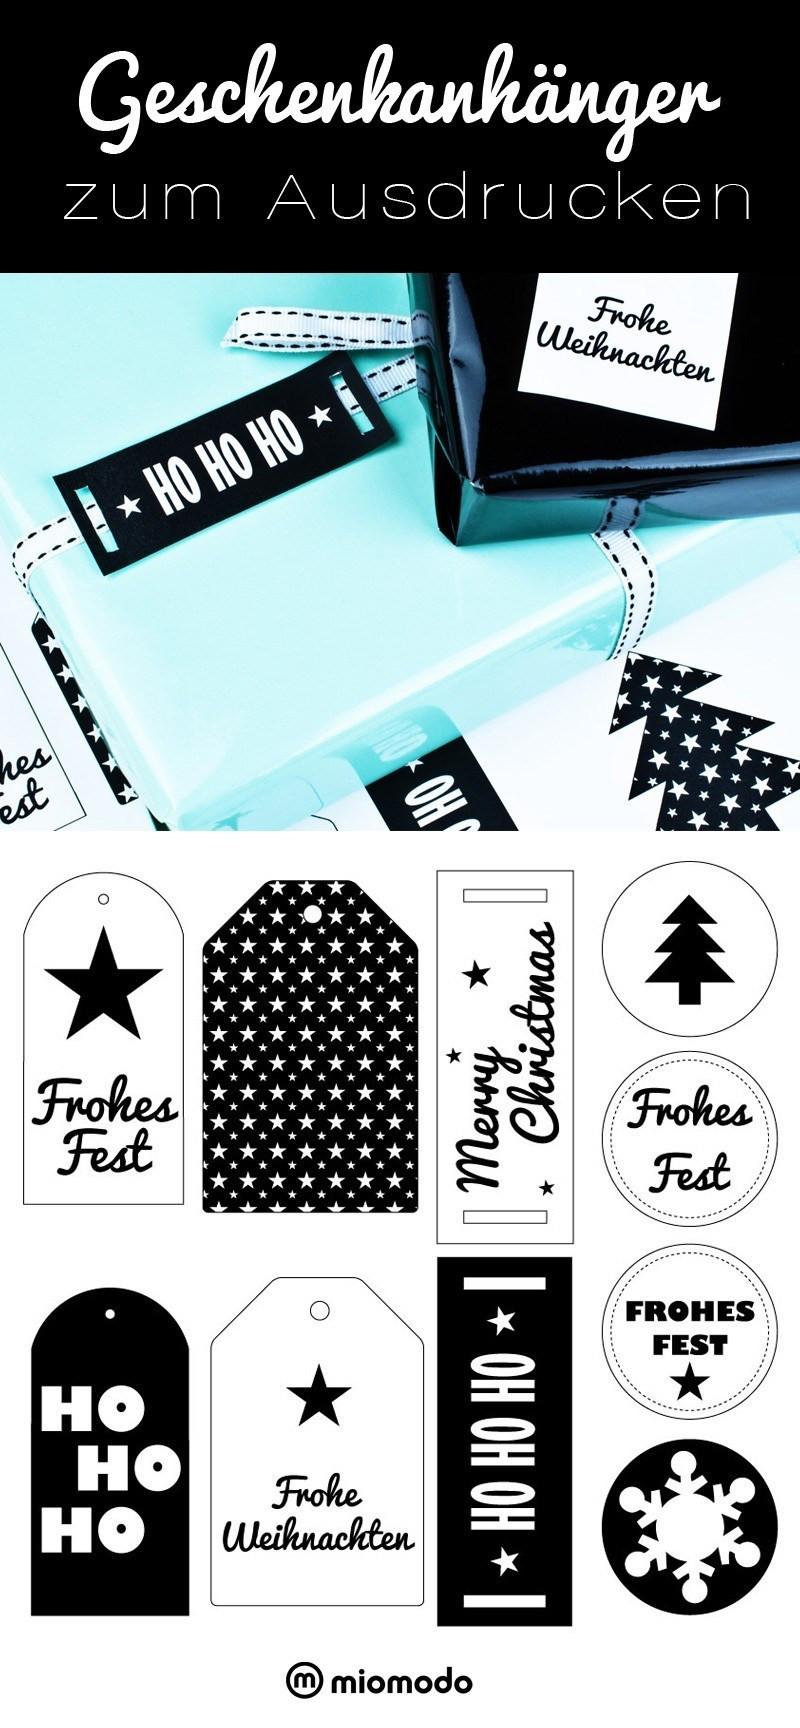 Geschenke Englisch  Geschenkanhänger zum Ausdrucken Weihnachten miomodo DIY